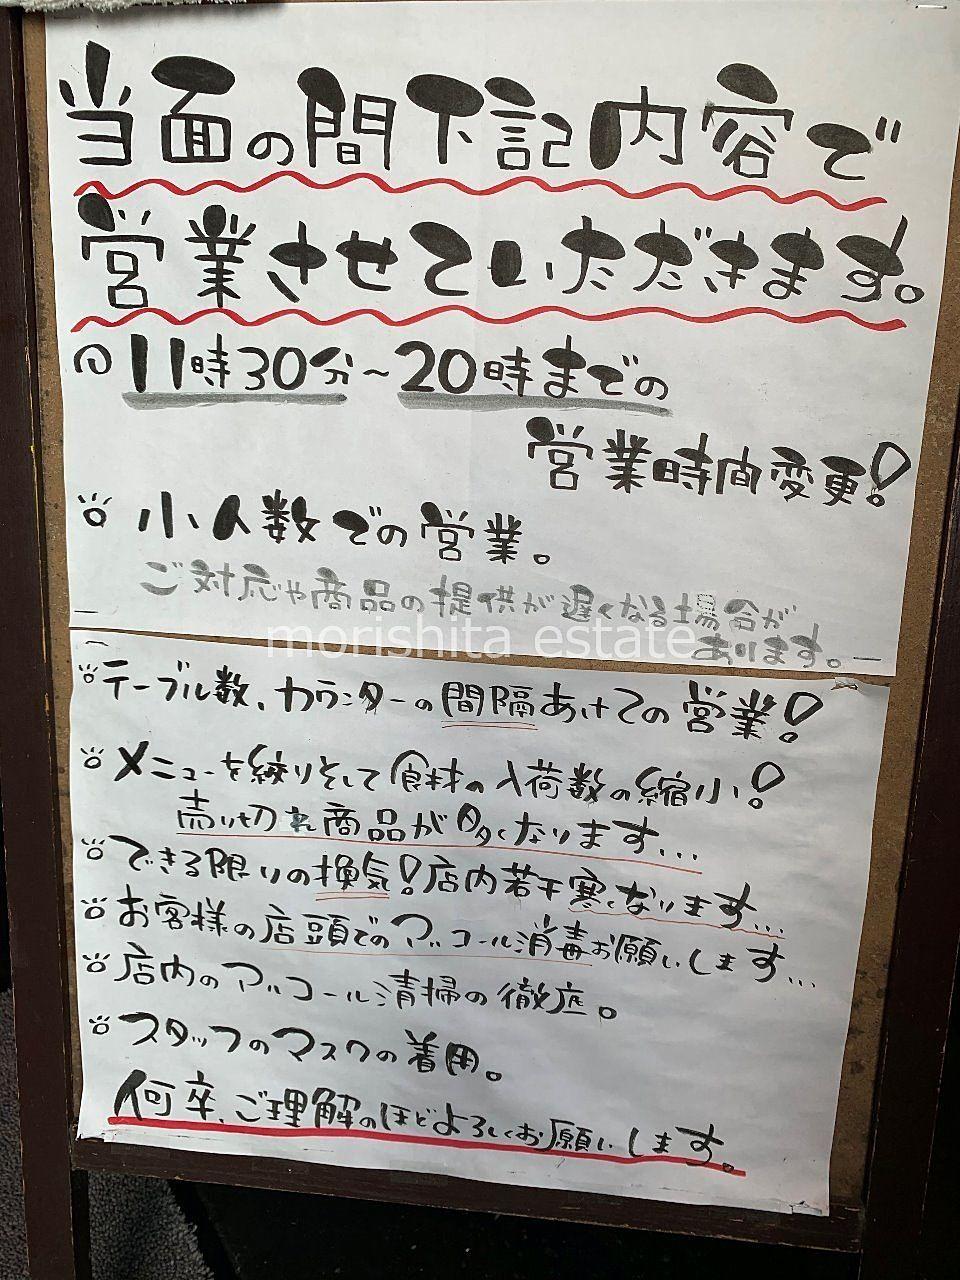 やきとり きんちゃん家 森下店 営業時間 営業体制 写真